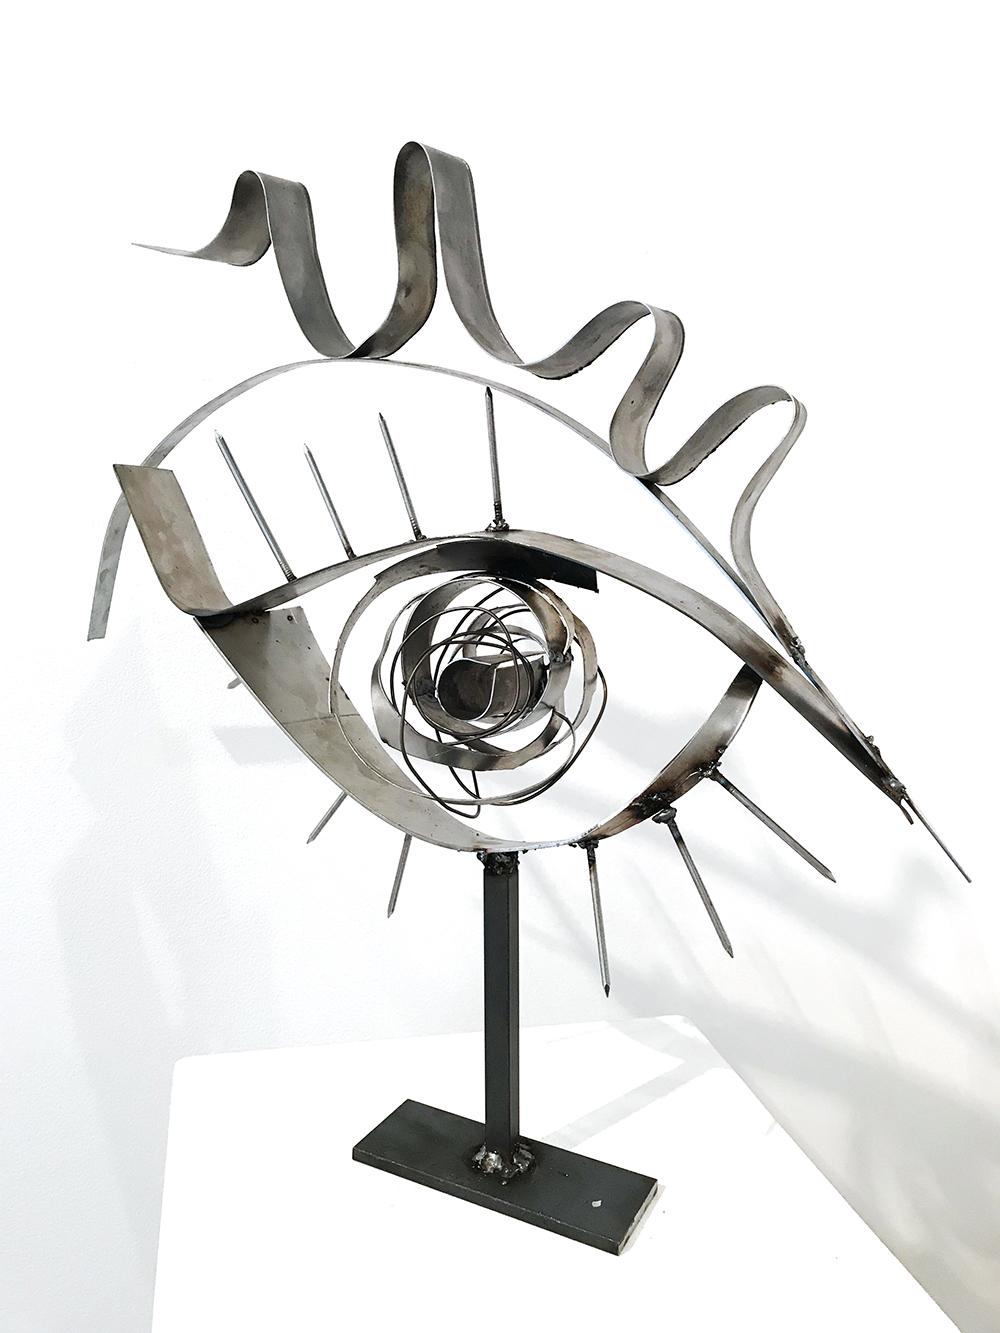 Indira-Cesarine-22ONLY-YOU-No-100022-steel-sculpture-@72-x-1000-copy.jpg